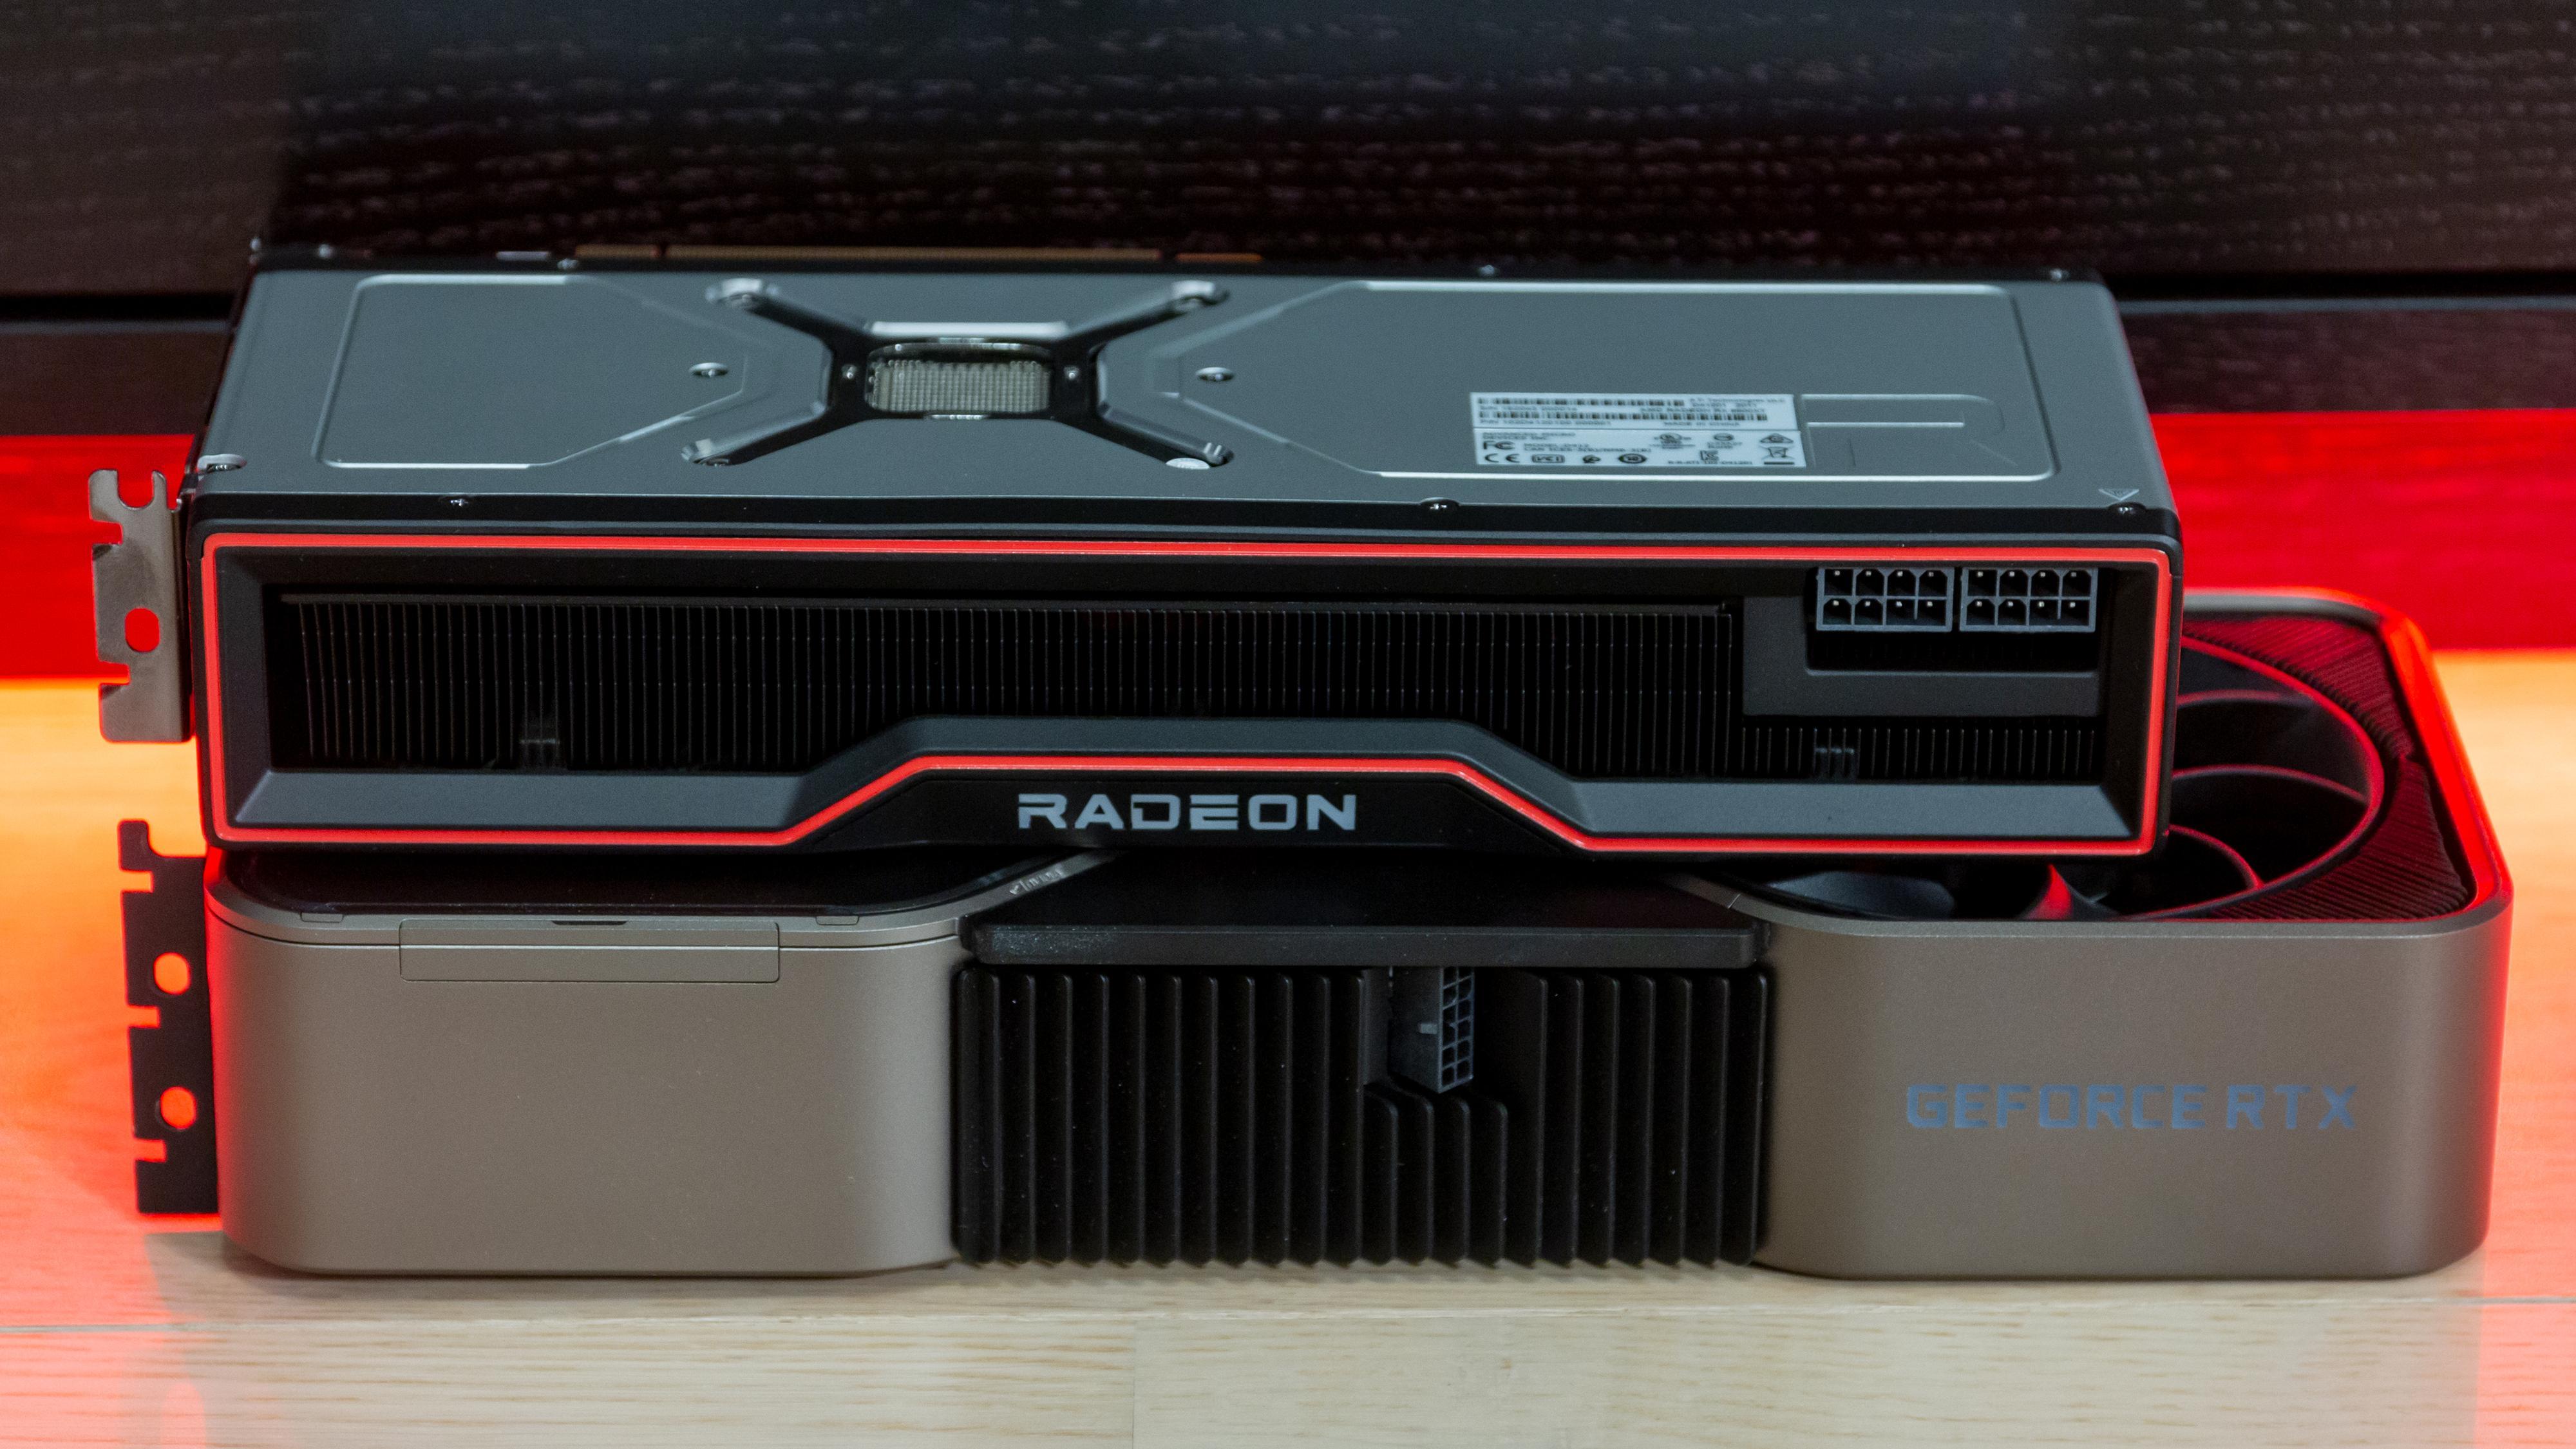 AMDs RX 6900 XT og Nvidias RTX 3090 er ettertraktede kort som sammen med sine søsken har økt i pris etter lanseringen i 2020.